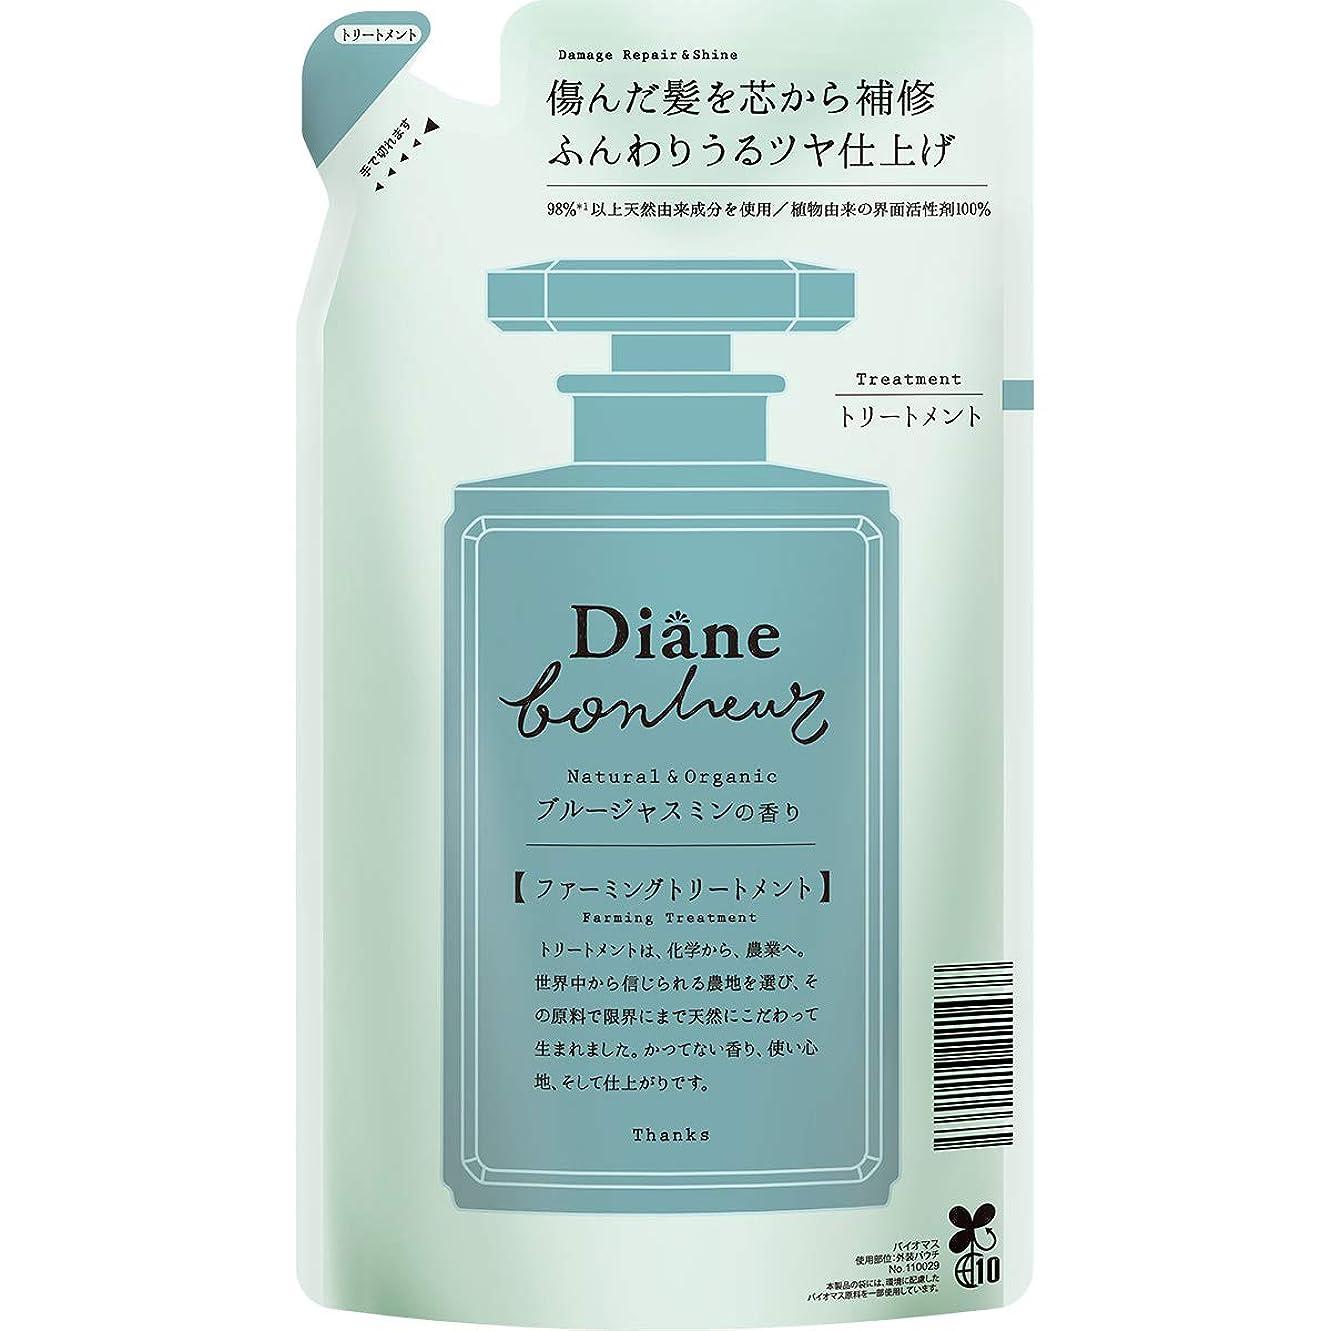 誓い冷淡な骨折ダイアン ボヌール トリートメント ブルージャスミンの香り ダメージリペア&シャイン 詰め替え 400ml